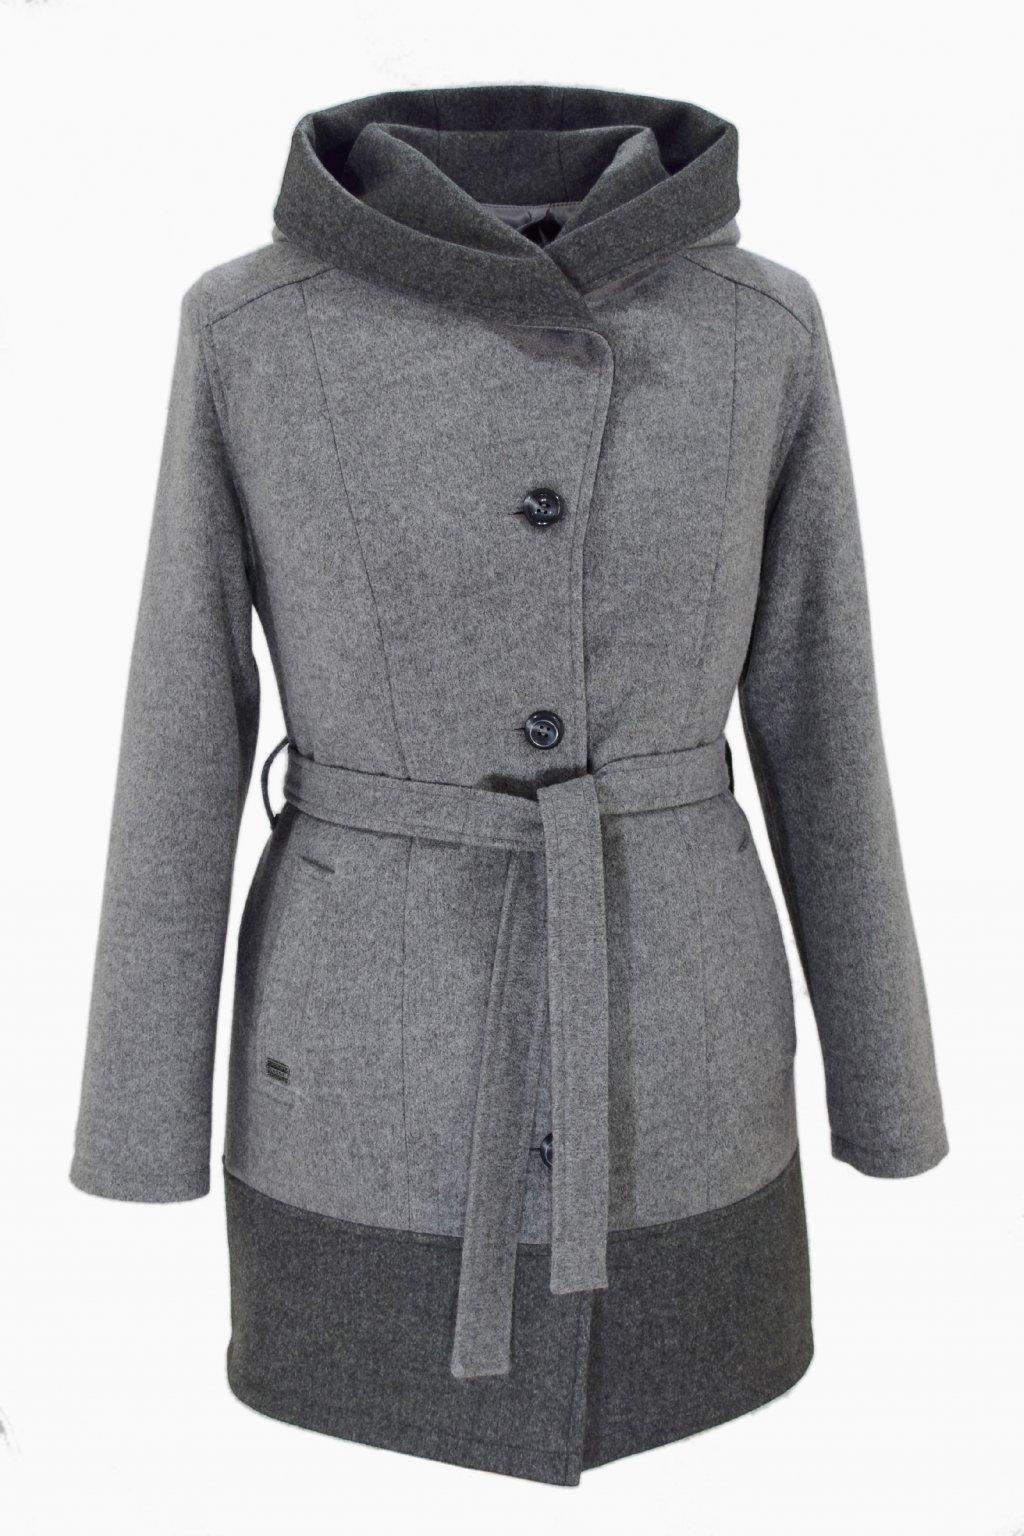 Dámský světle šedý zimní kabát Mája